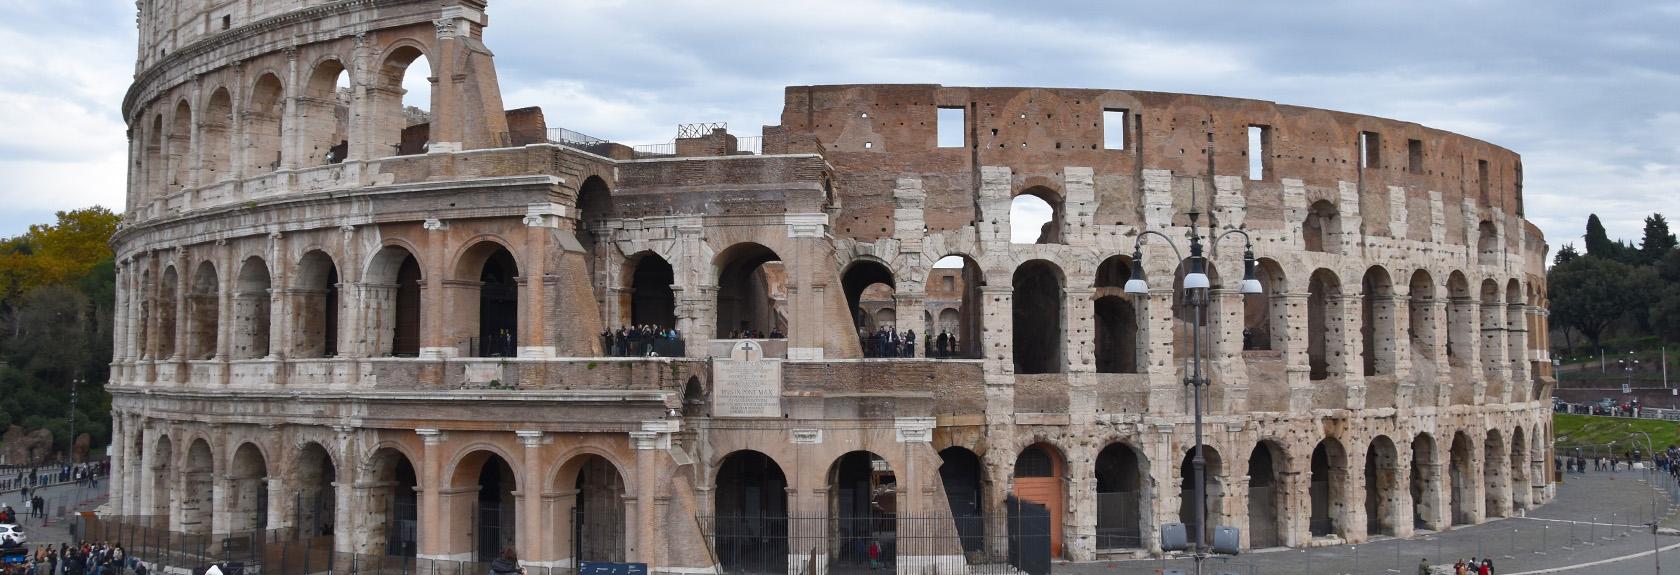 Skip the line tickets voor het Colosseum